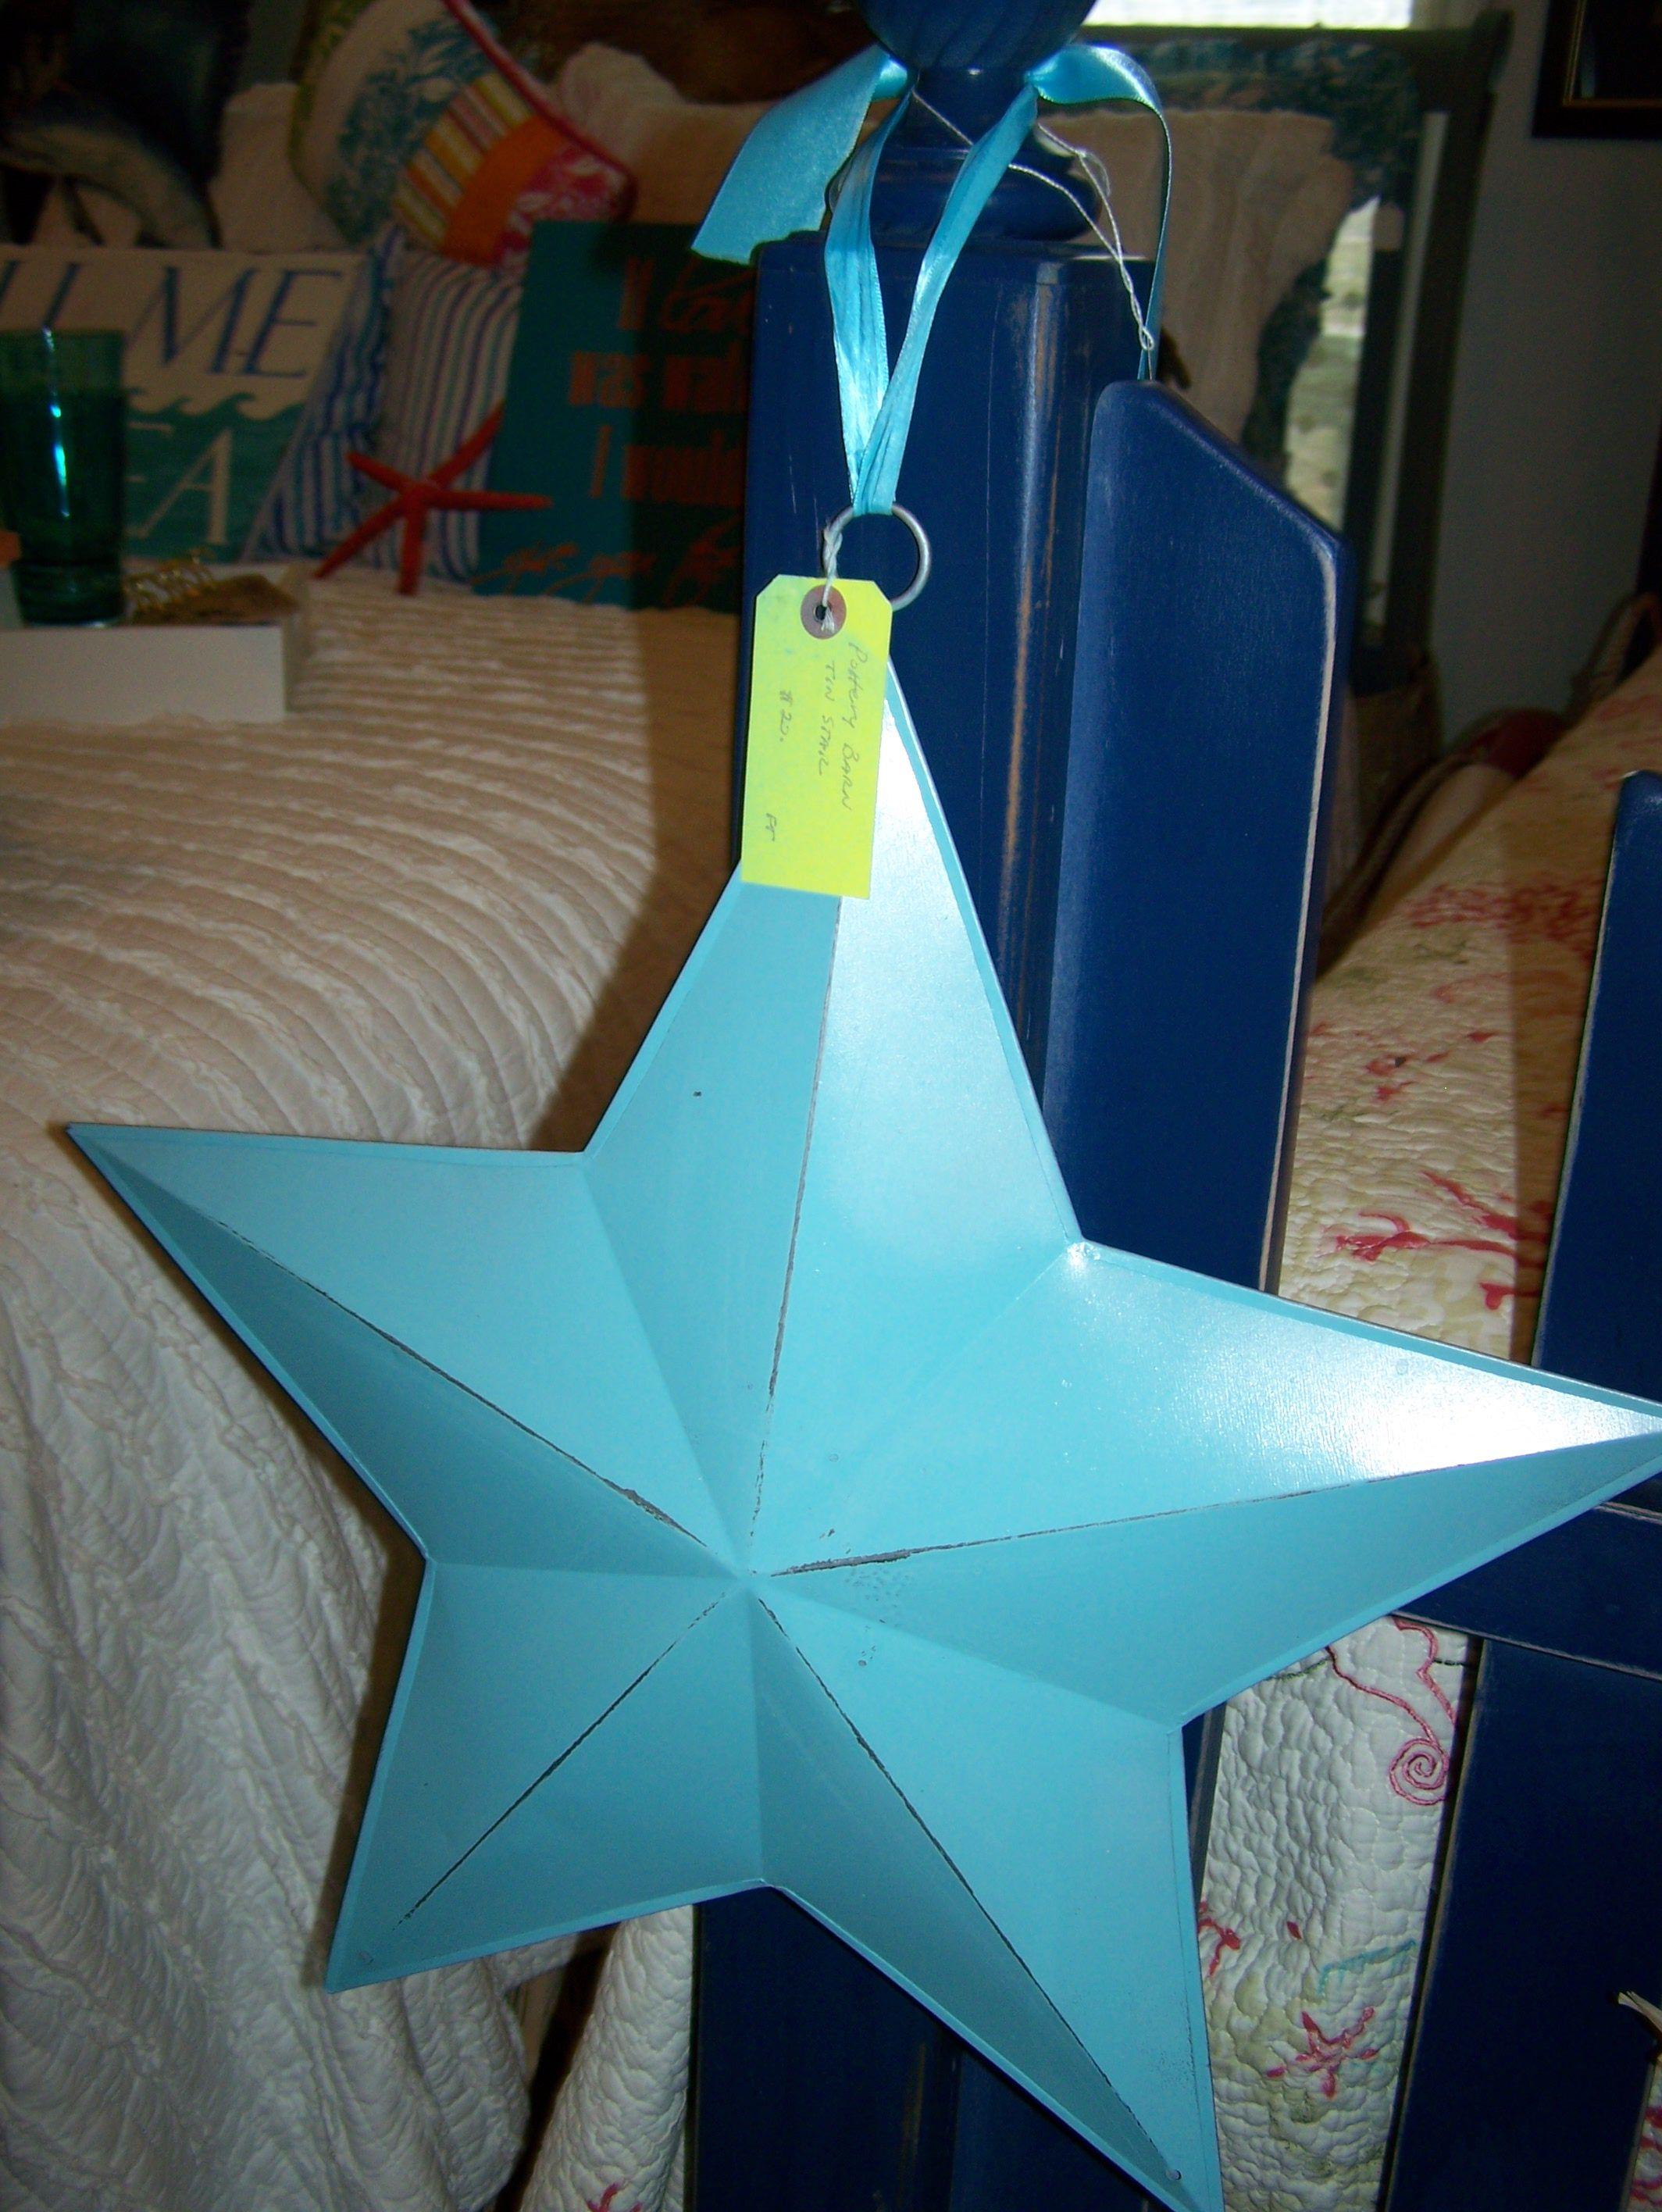 Pottery Barn tin star painted coastal blue.